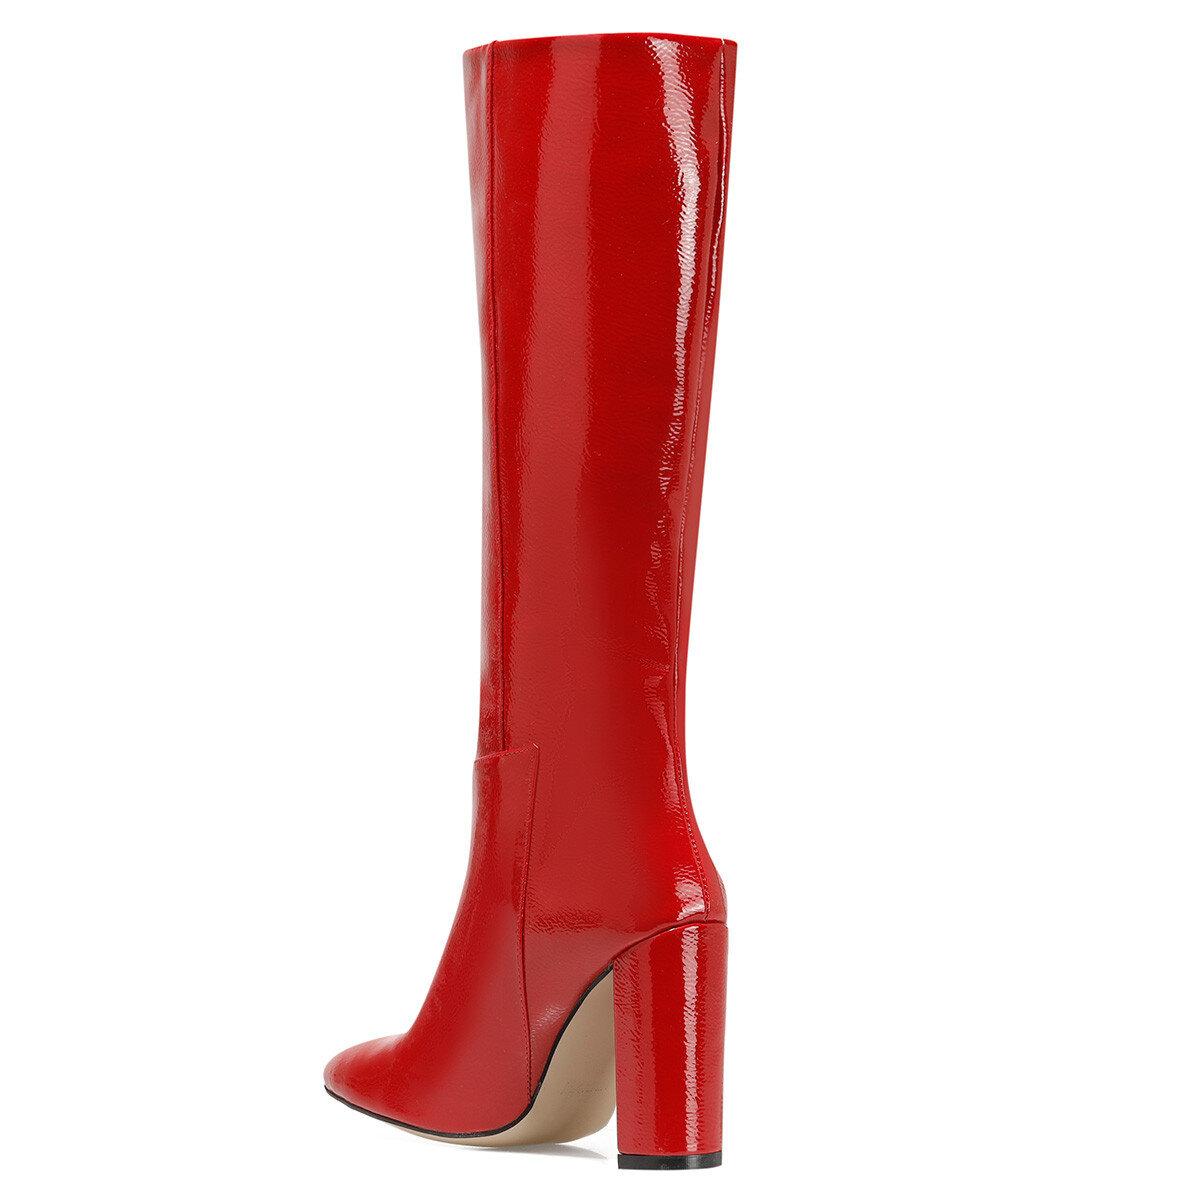 MIMA Kırmızı Kadın Ökçeli Çizme